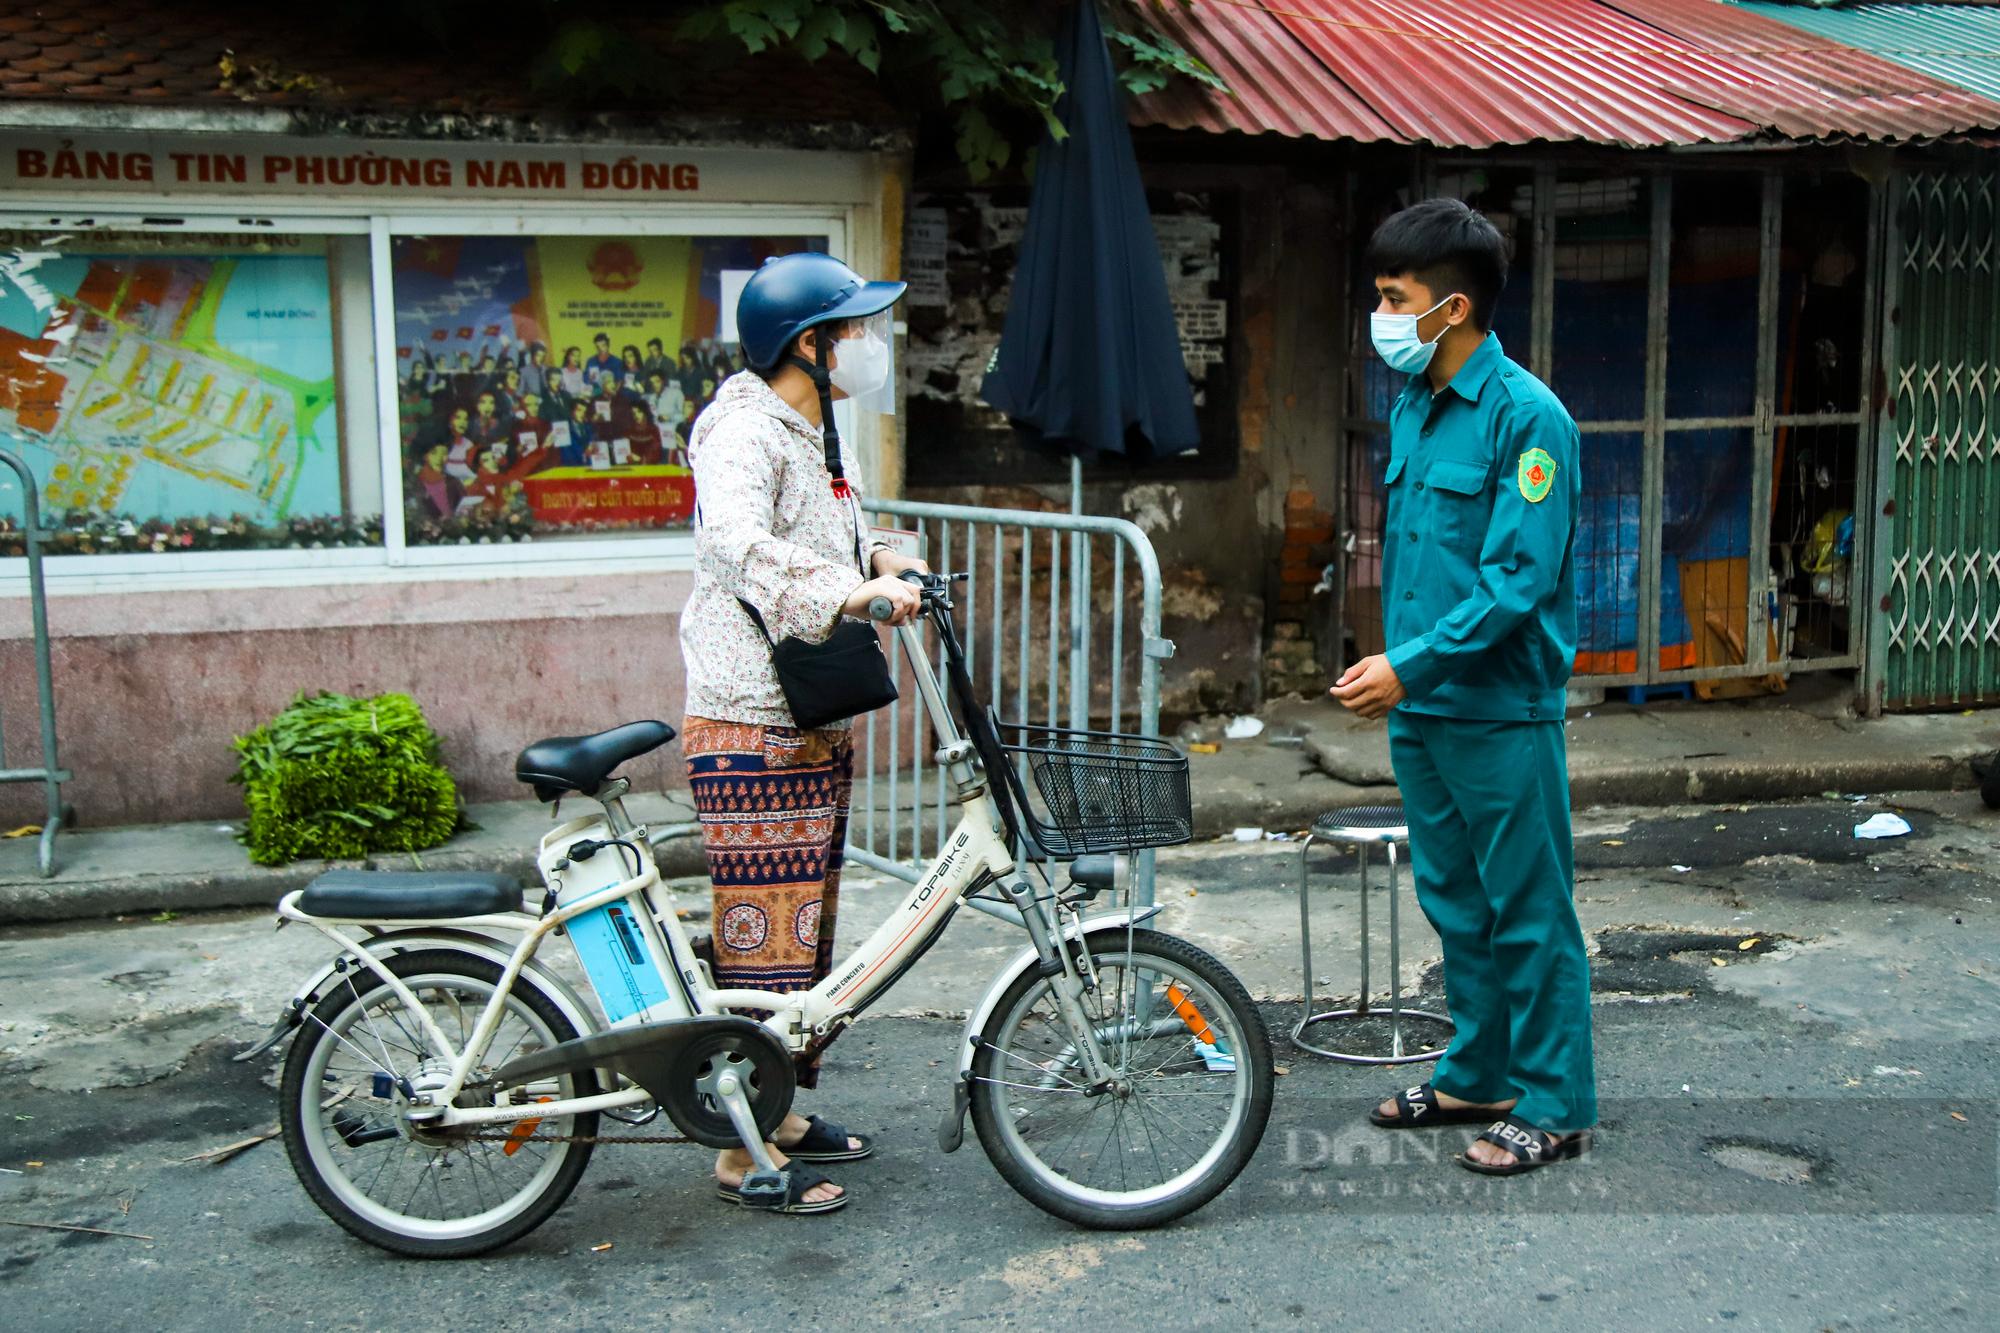 Chợ dân sinh ở Hà Nội đông đúc ngày đầu nới lỏng giãn cách - Ảnh 10.